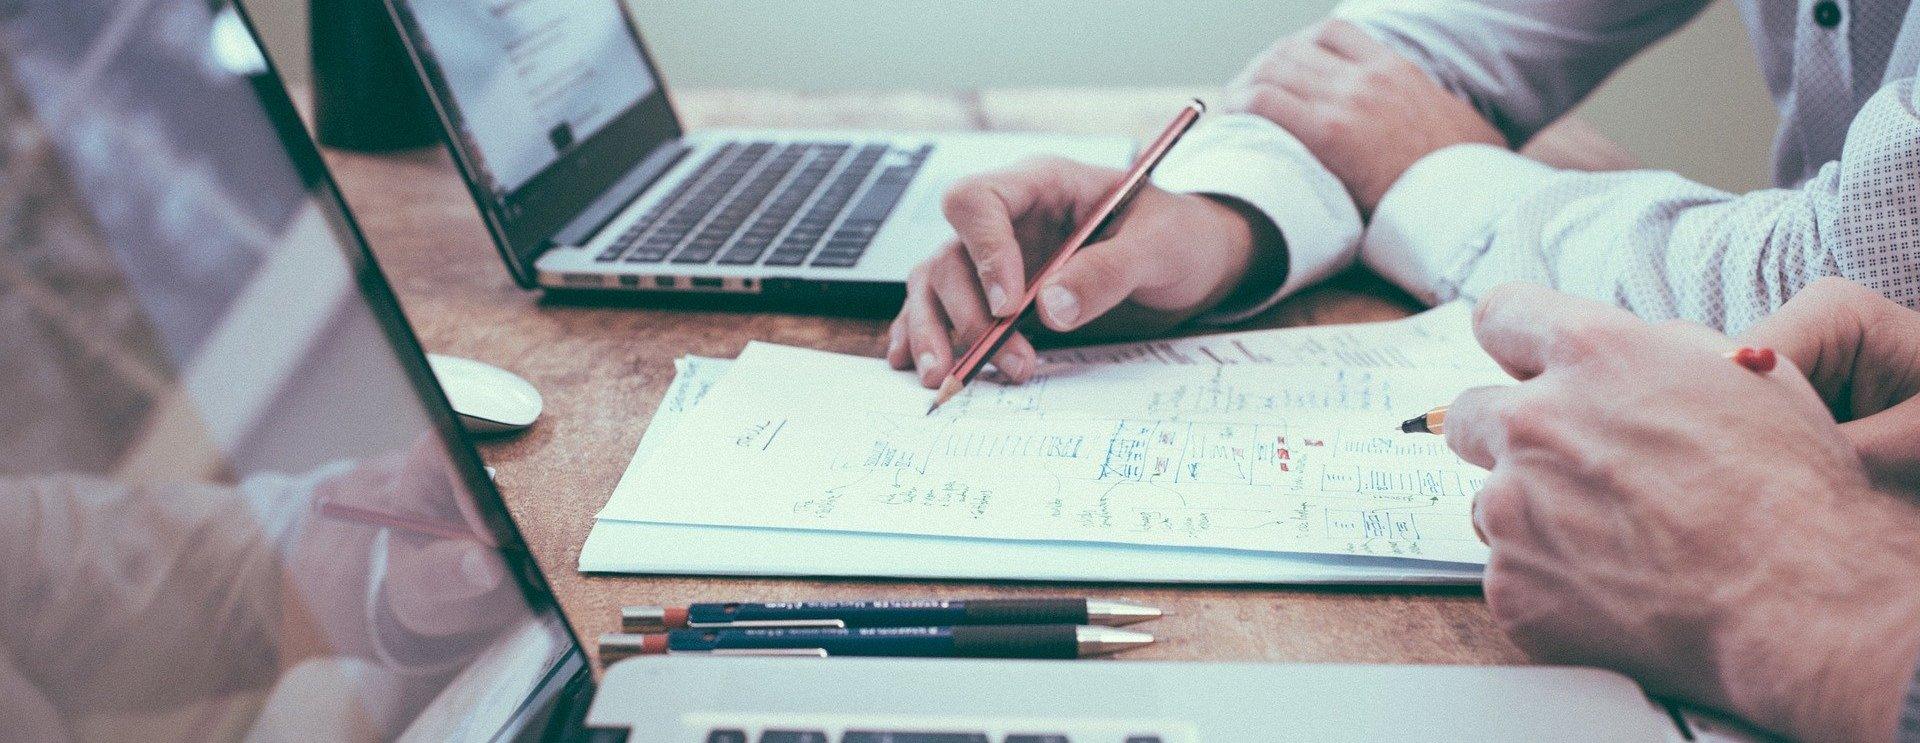 ВЭБ.РФ и Mail.Ru Group запустили программу поддержки малого и среднего бизнеса